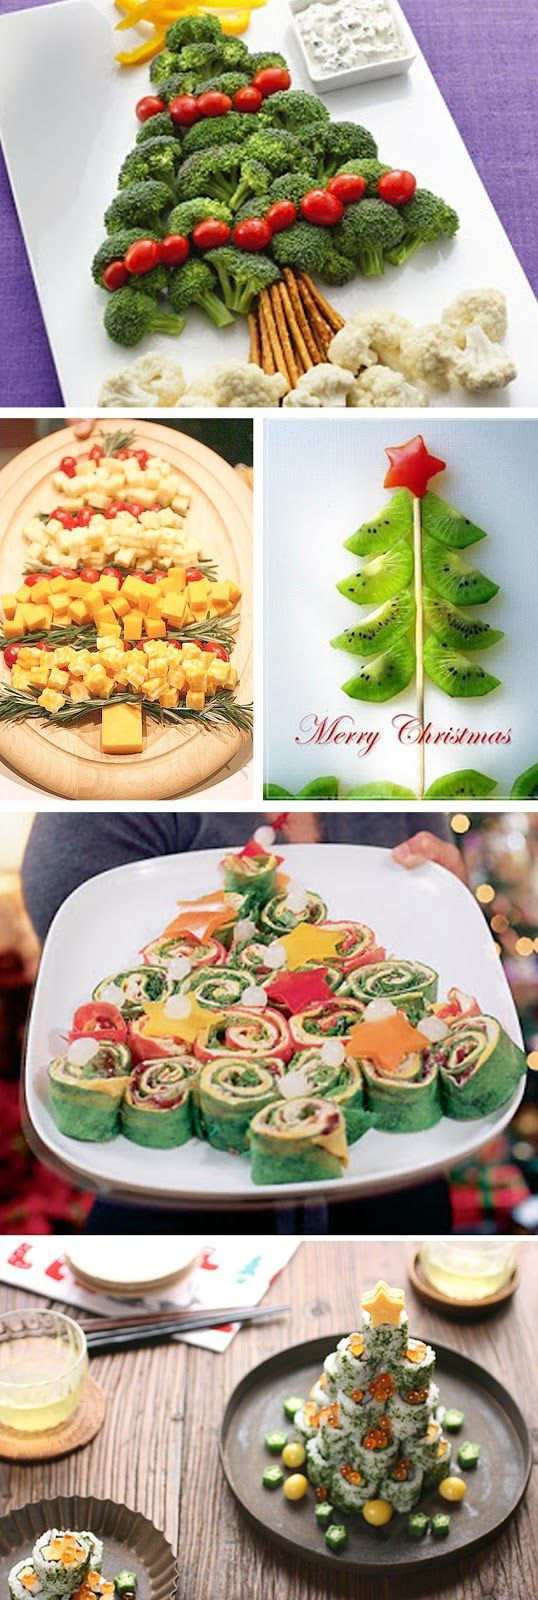 navidad en nuestros platos platos